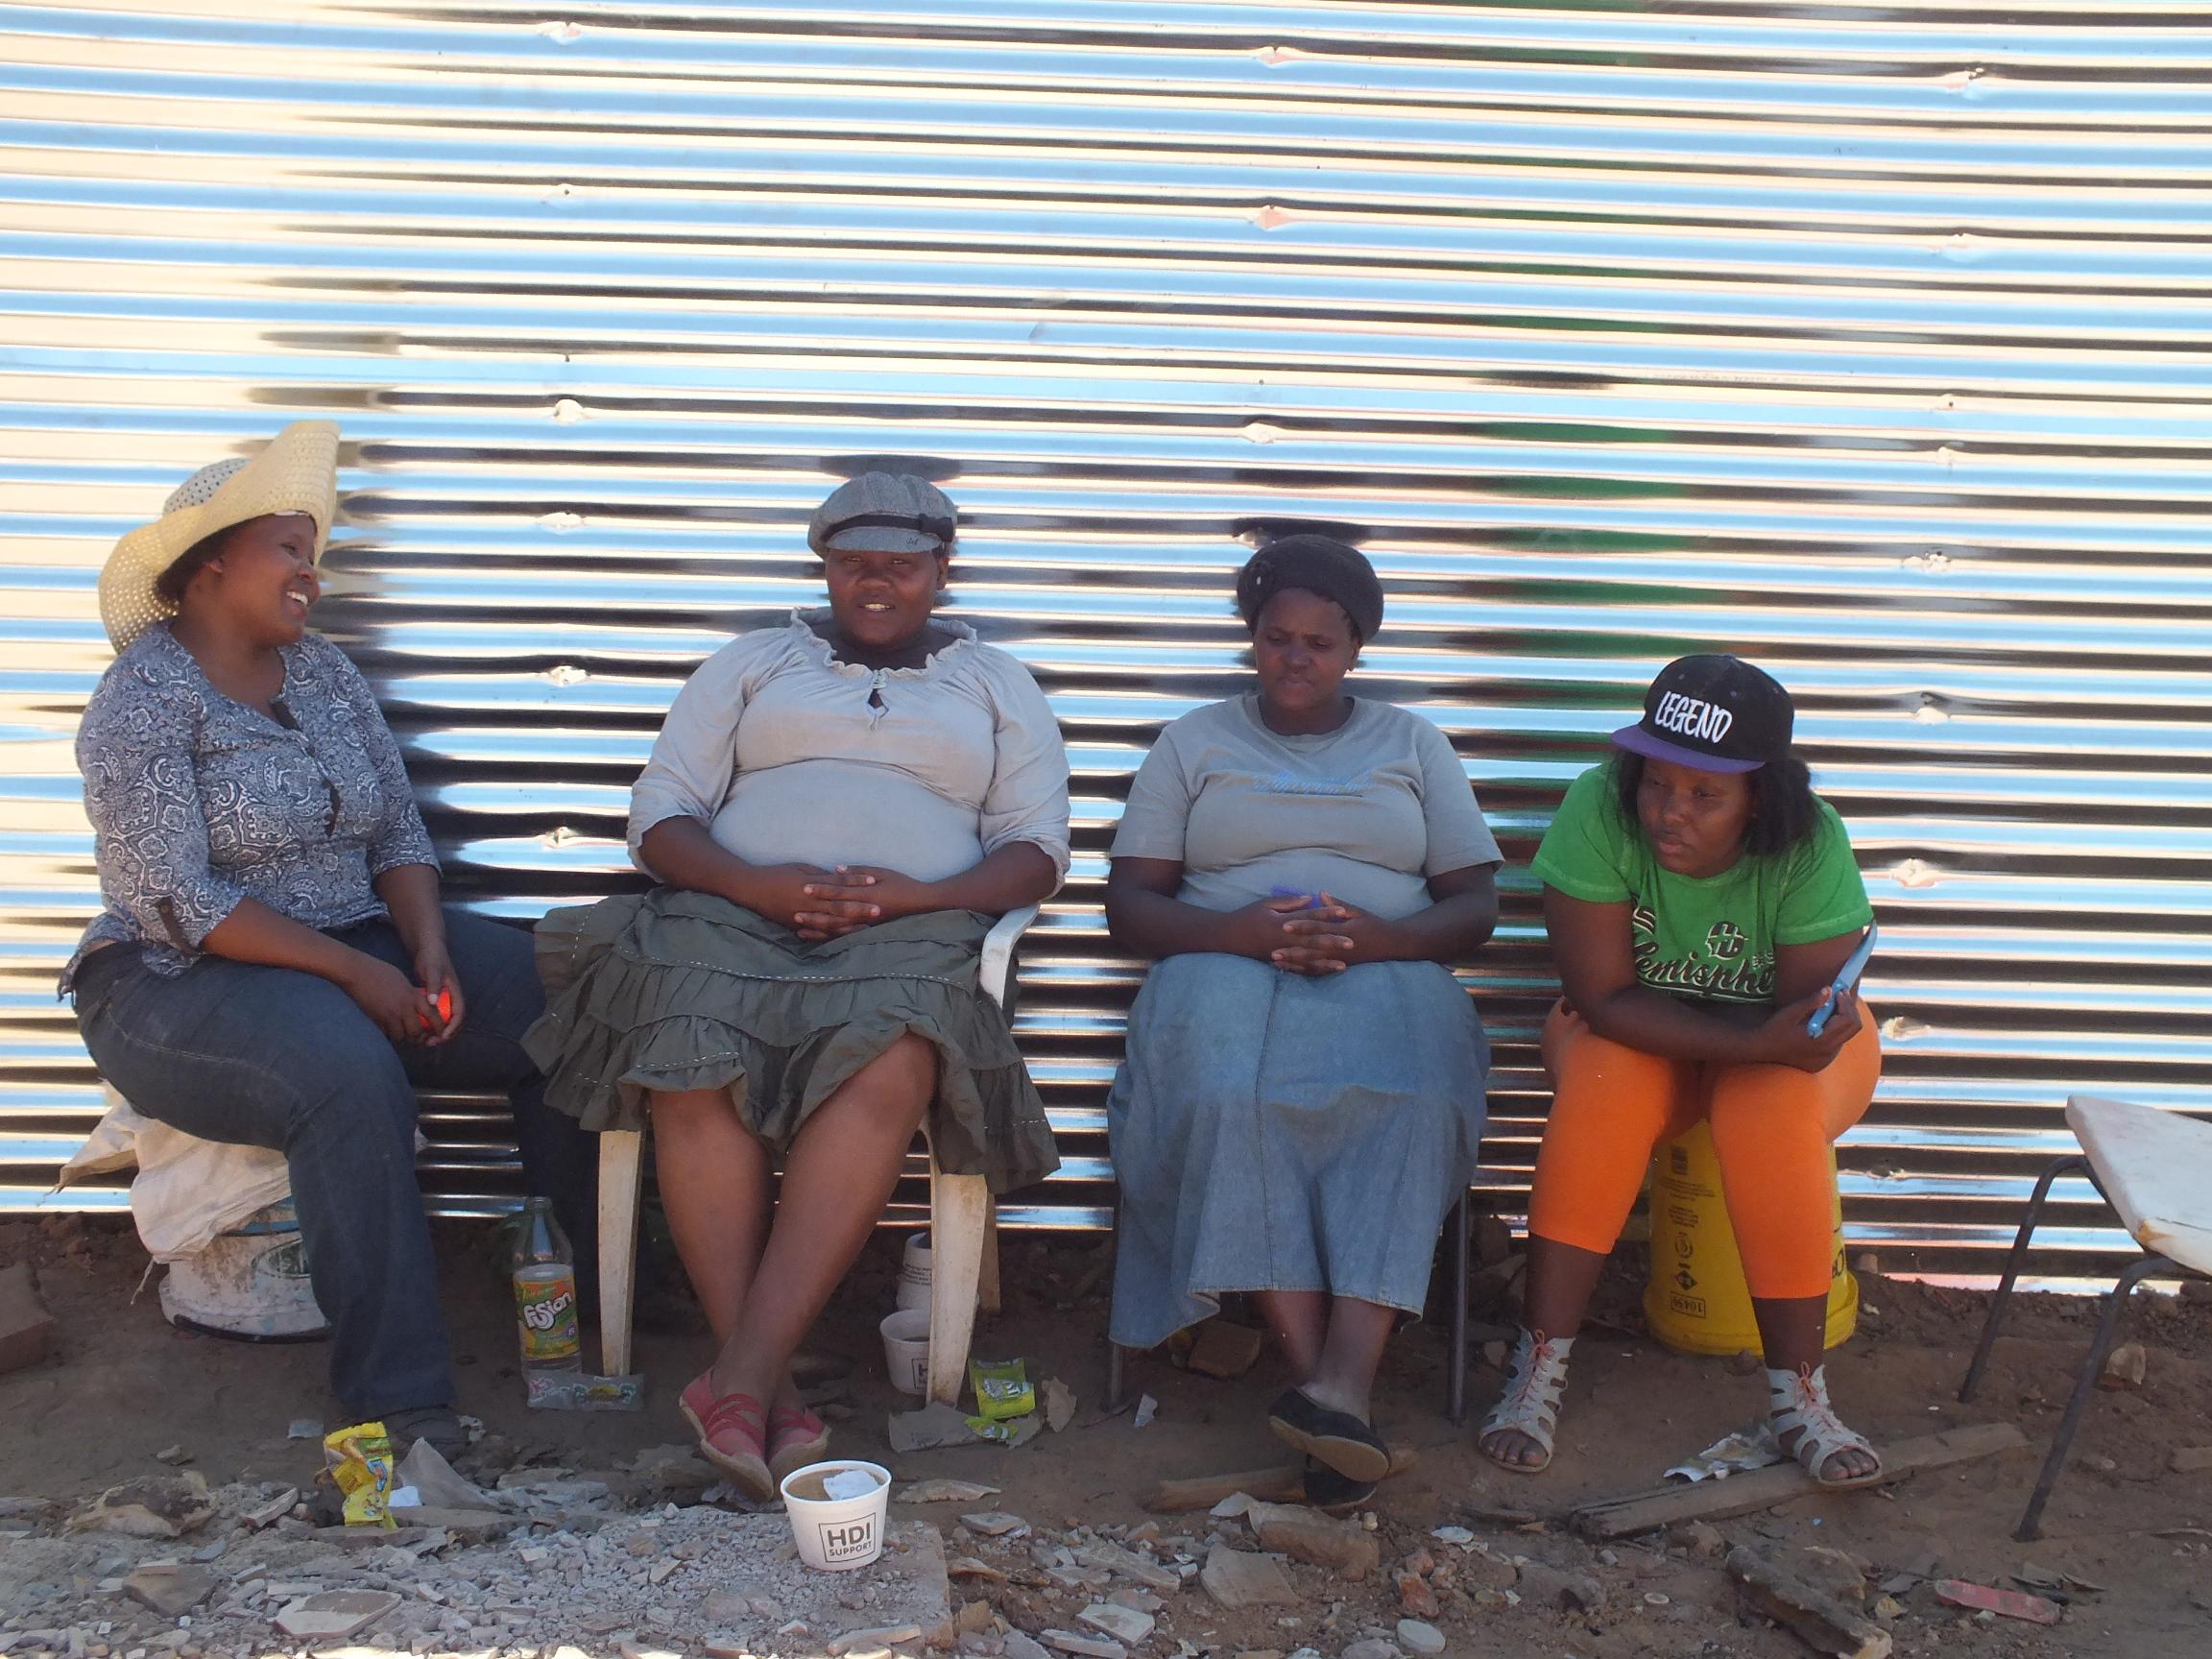 sudafrica-township6